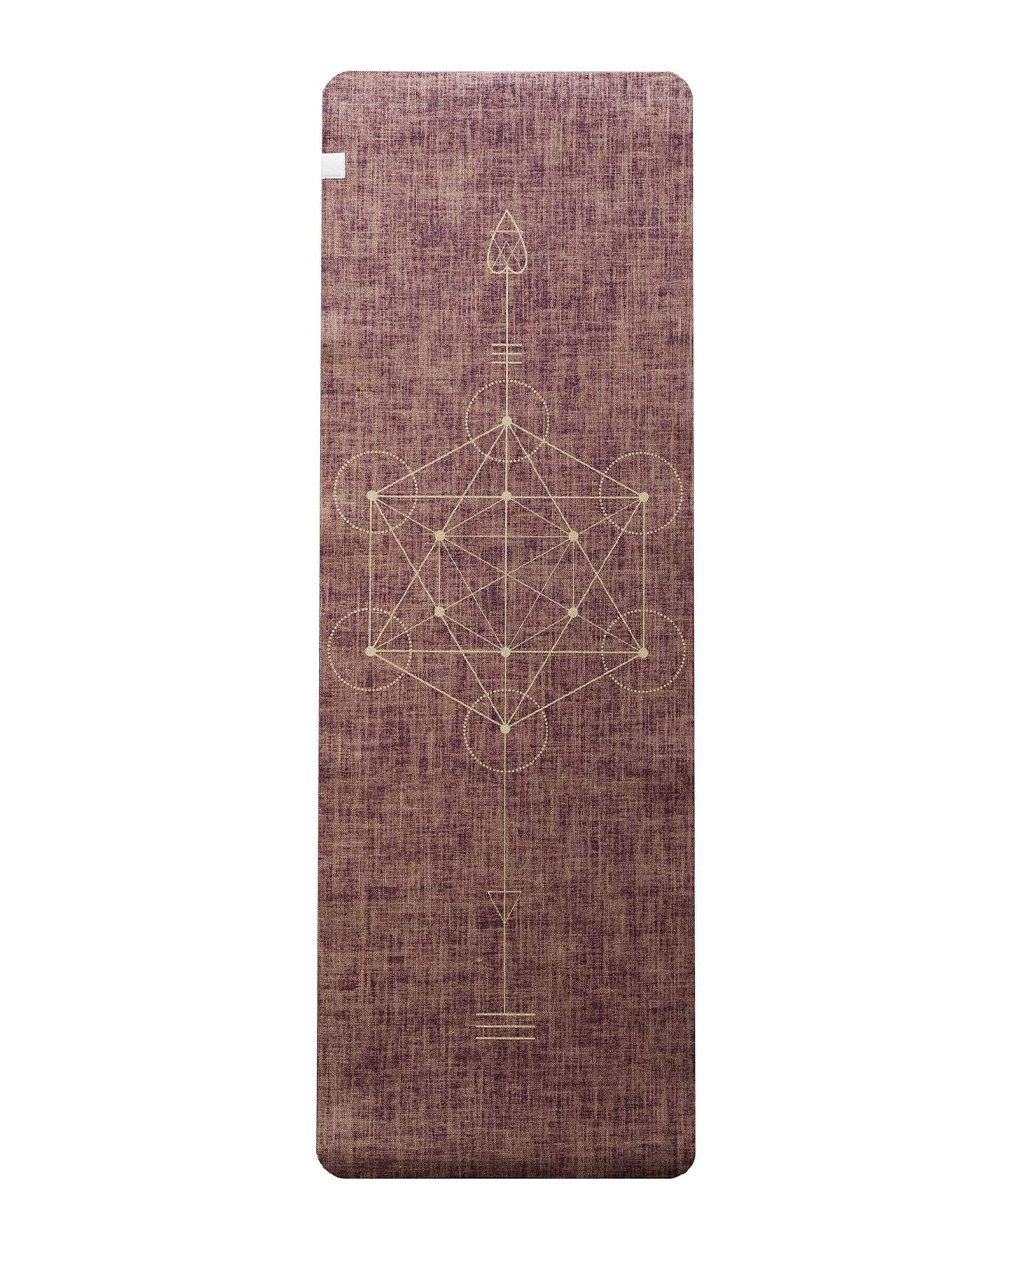 YogaTribe YogaTribe 100% Organic Jute Yoga Mat